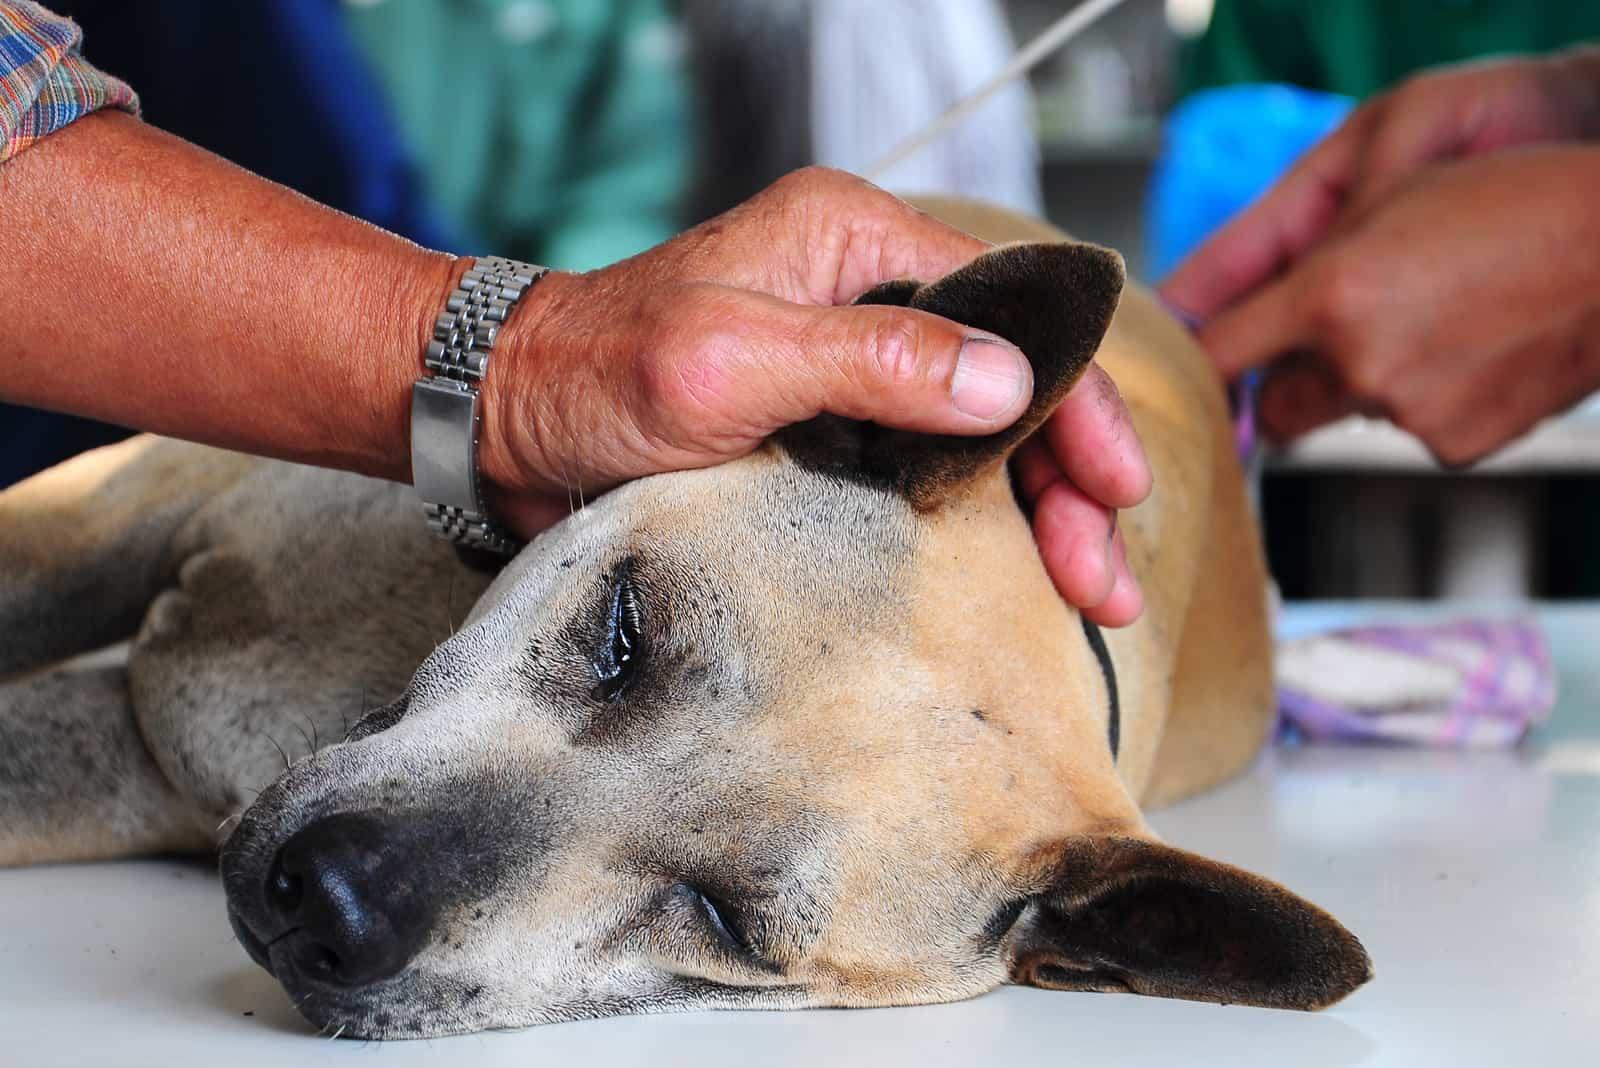 Der Besitzer streichelt den Hund unter Narkose